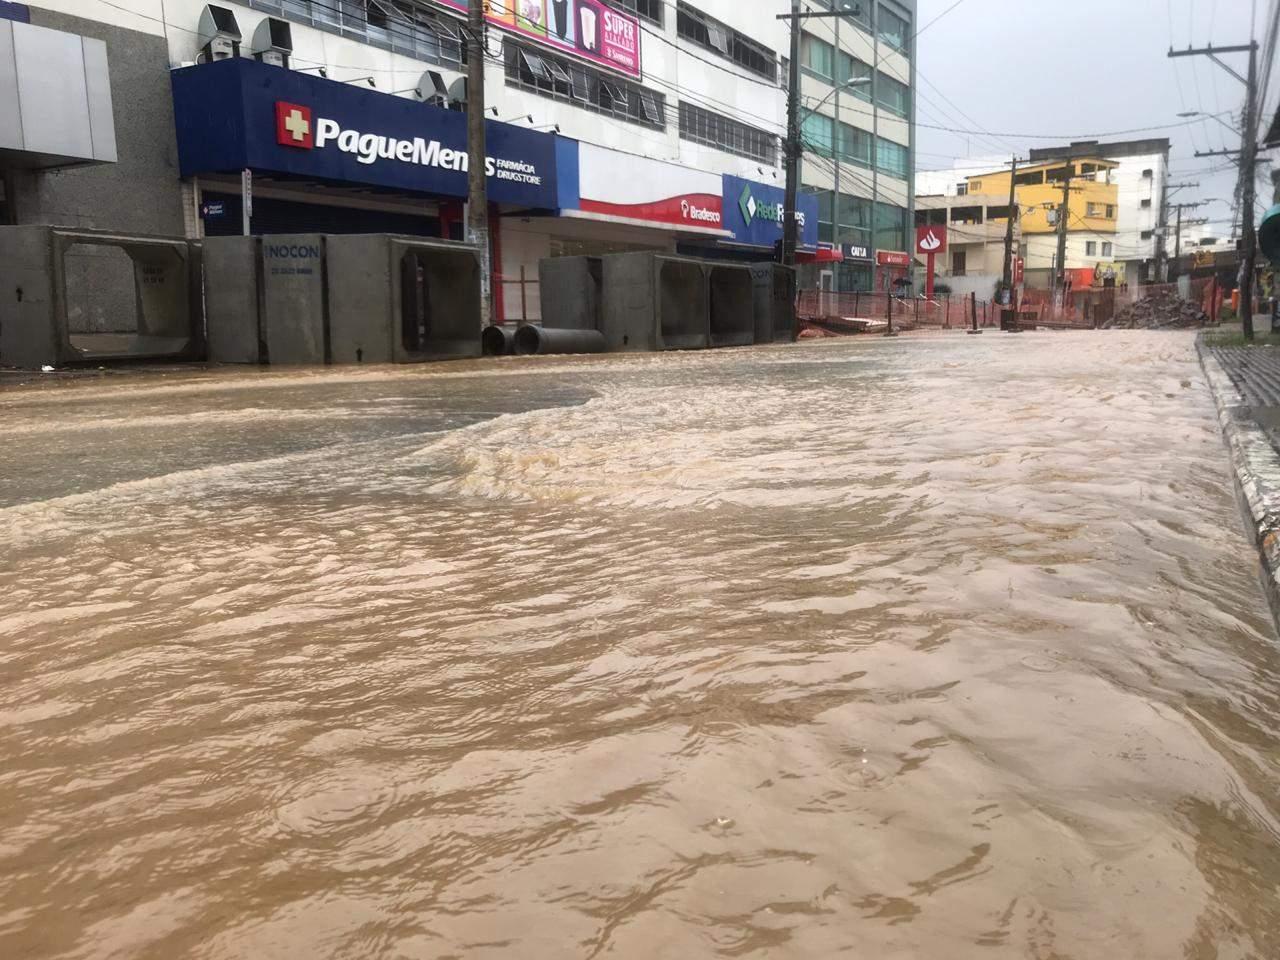 Ufes, Ifes e escolas suspendem aulas em Vitória e Vila Velha - Jornal Folha Vitória